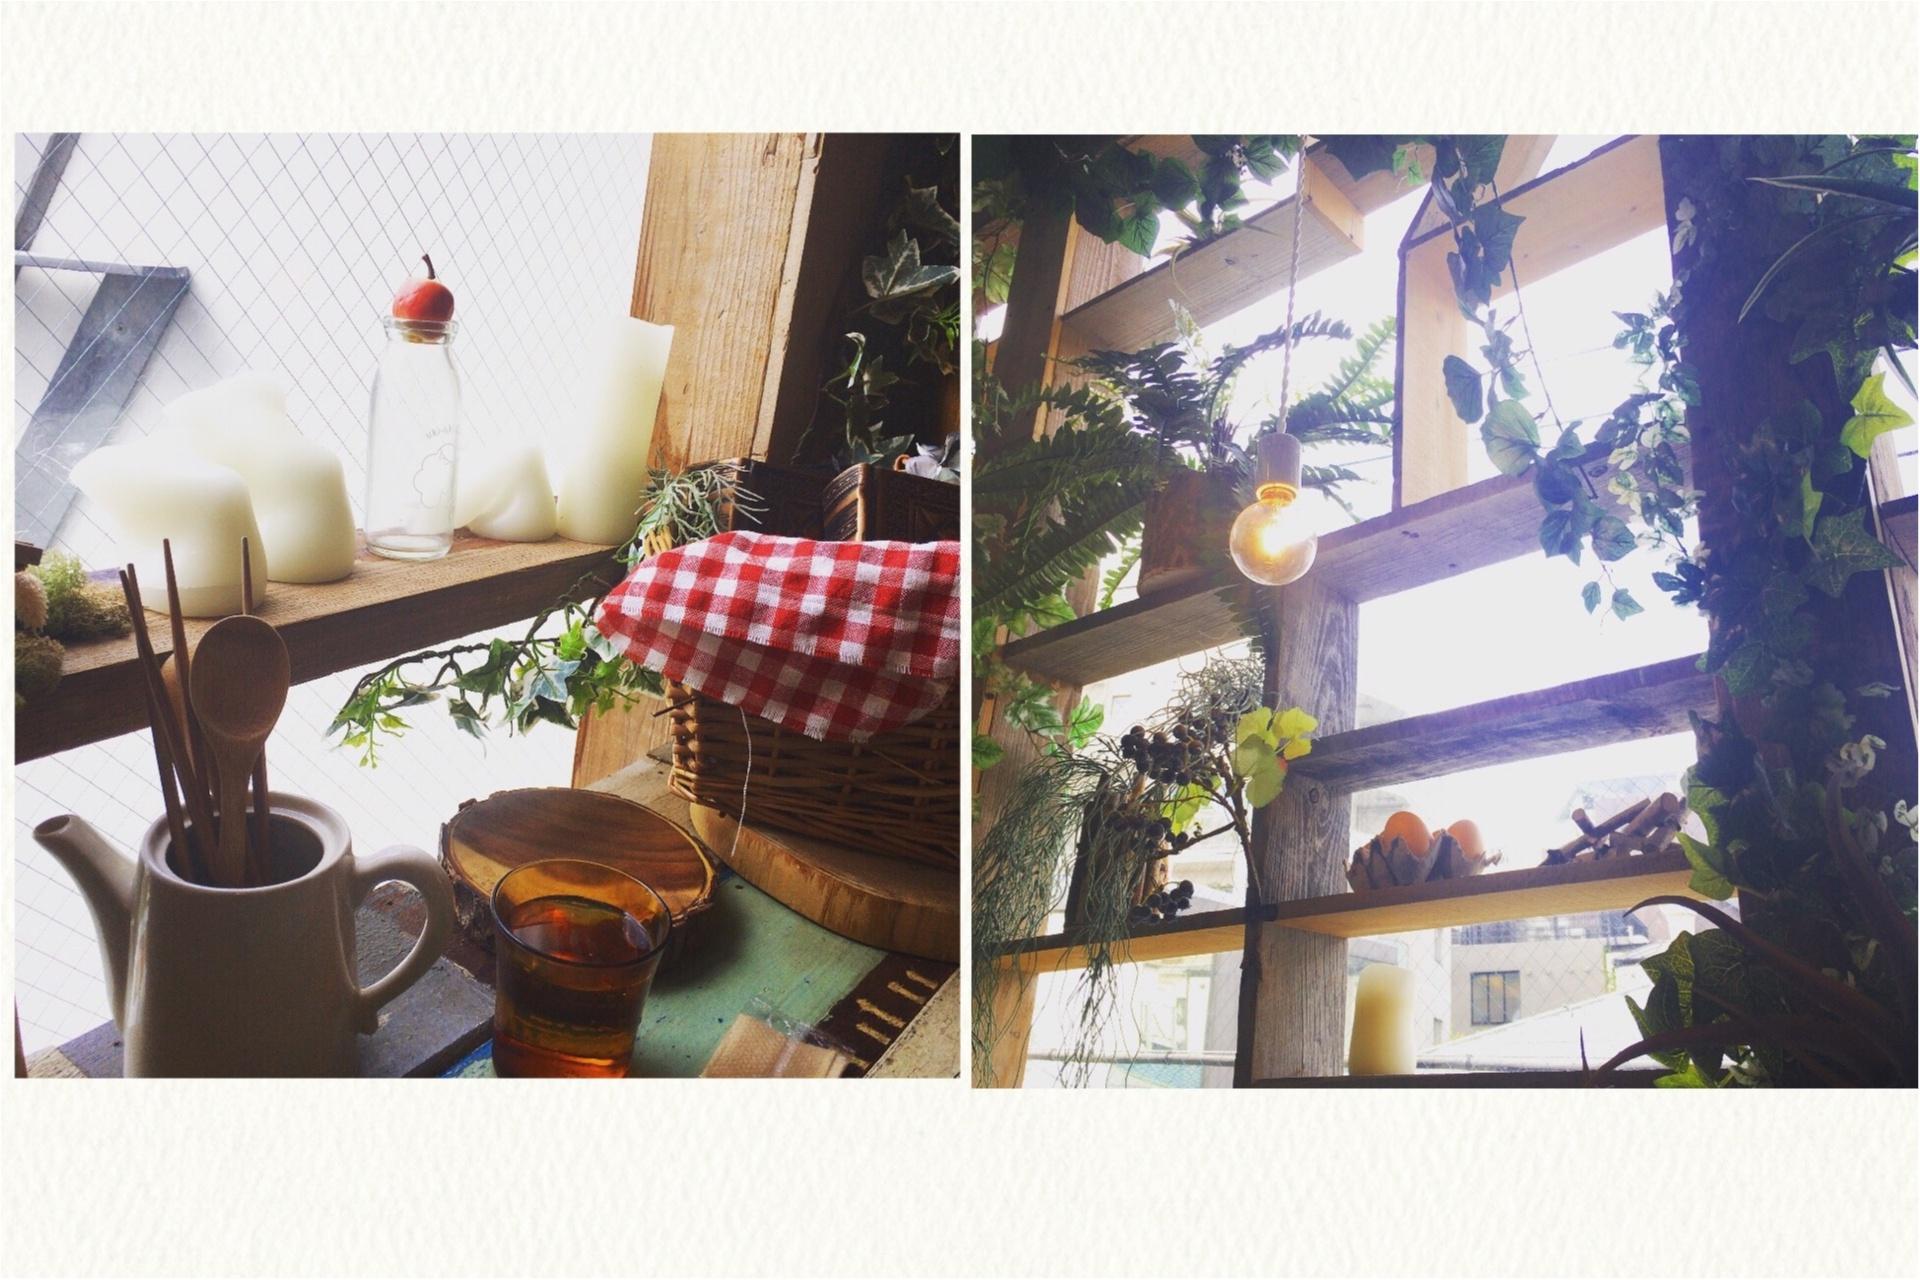 代官山でおしゃれピクニック気分が楽しめる!♡ステキなカフェにランチへ行ってきました♡_2